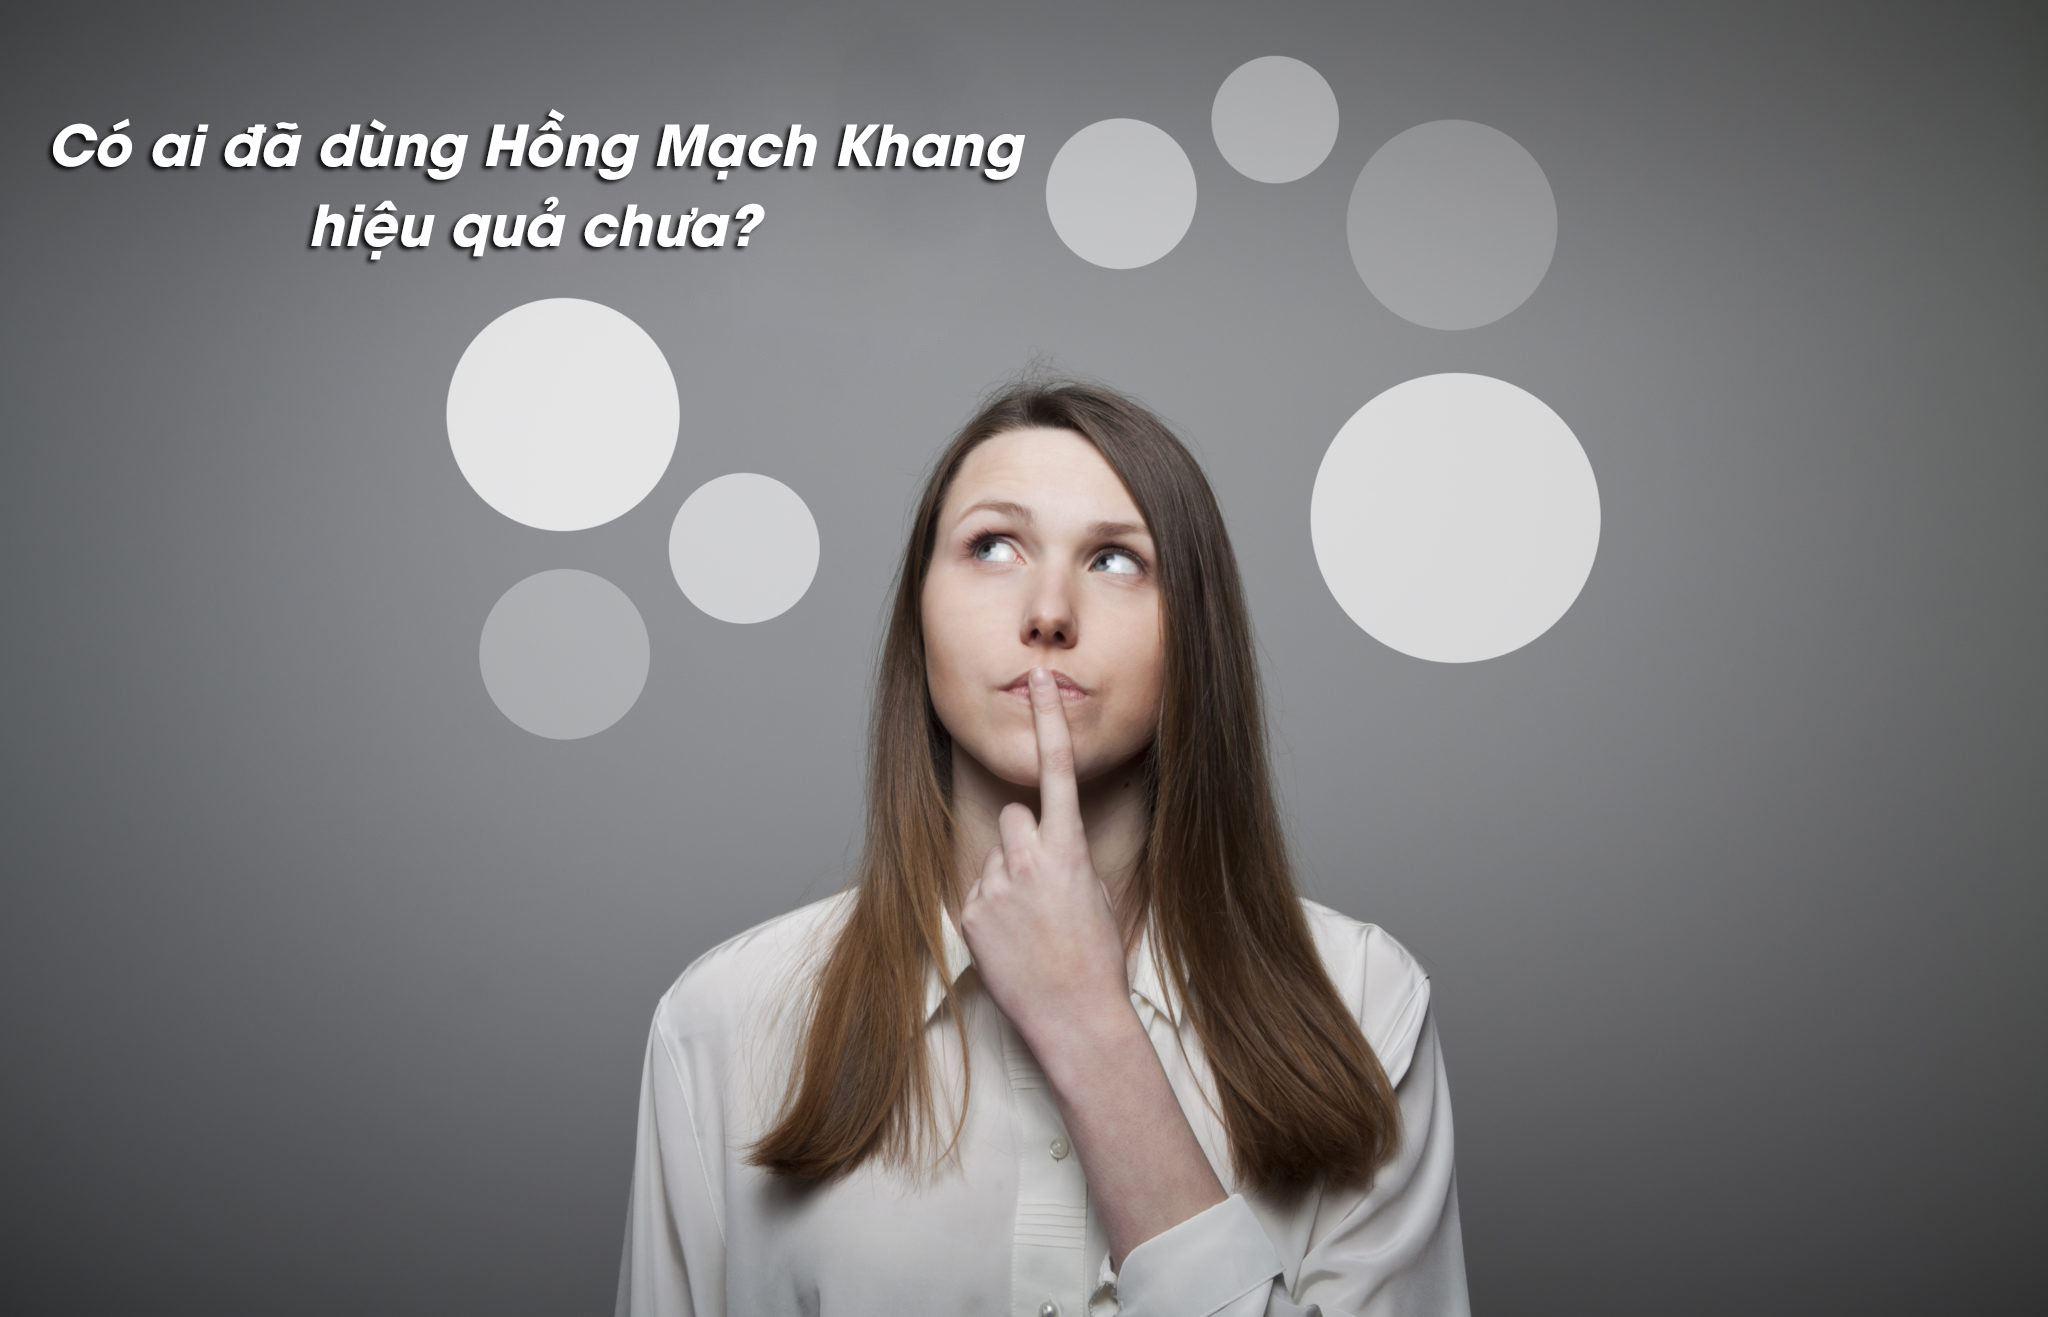 Ai đã dùng Hồng Mạch Khang có hiệu quả tốt chưa?